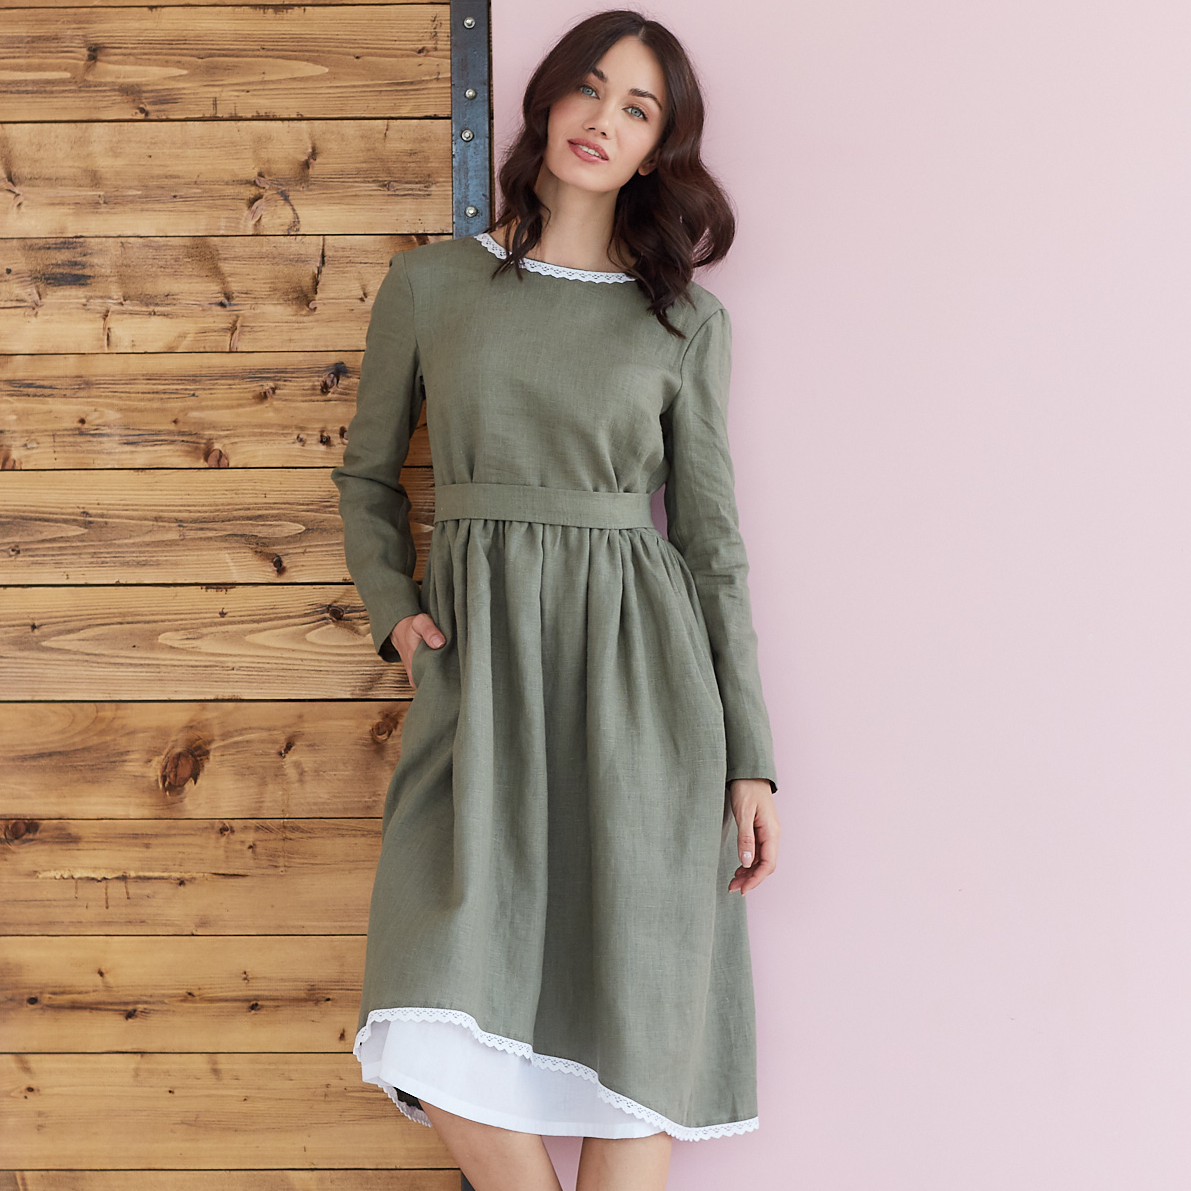 Платье женское льняное с хлопковым кружевом оливкового цвета - фото 2